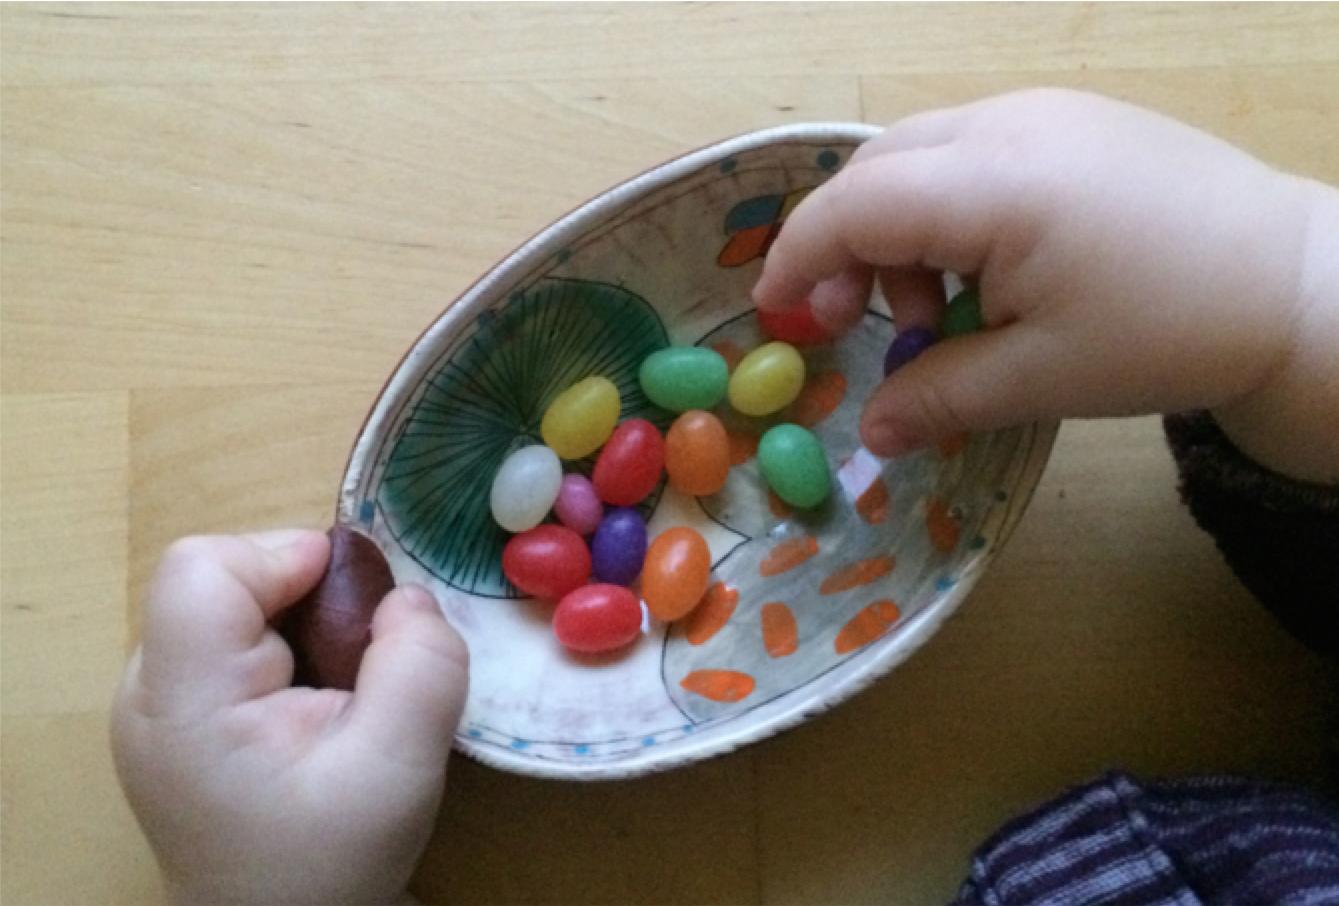 Kari's bowl